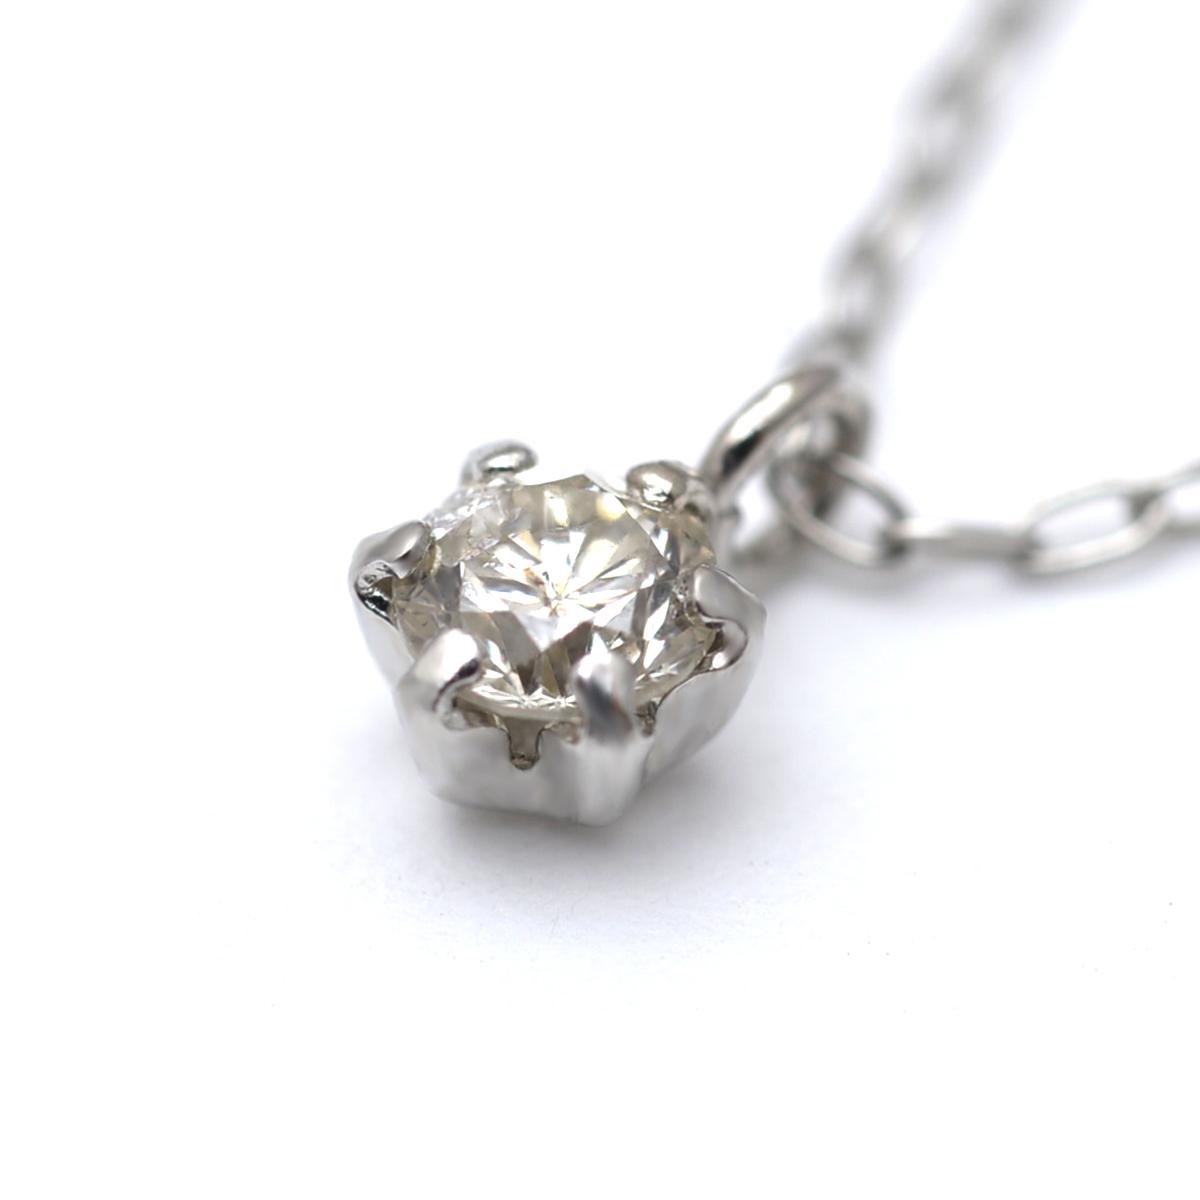 ハワイアンジュエリー ネックレス 一粒ダイヤネックレス ハワイアンファンシーカラーダイヤモンドネックレス リノアカラシャイン 0.08ct Pt900 K18 (チェーンPt850) ane1621/新作